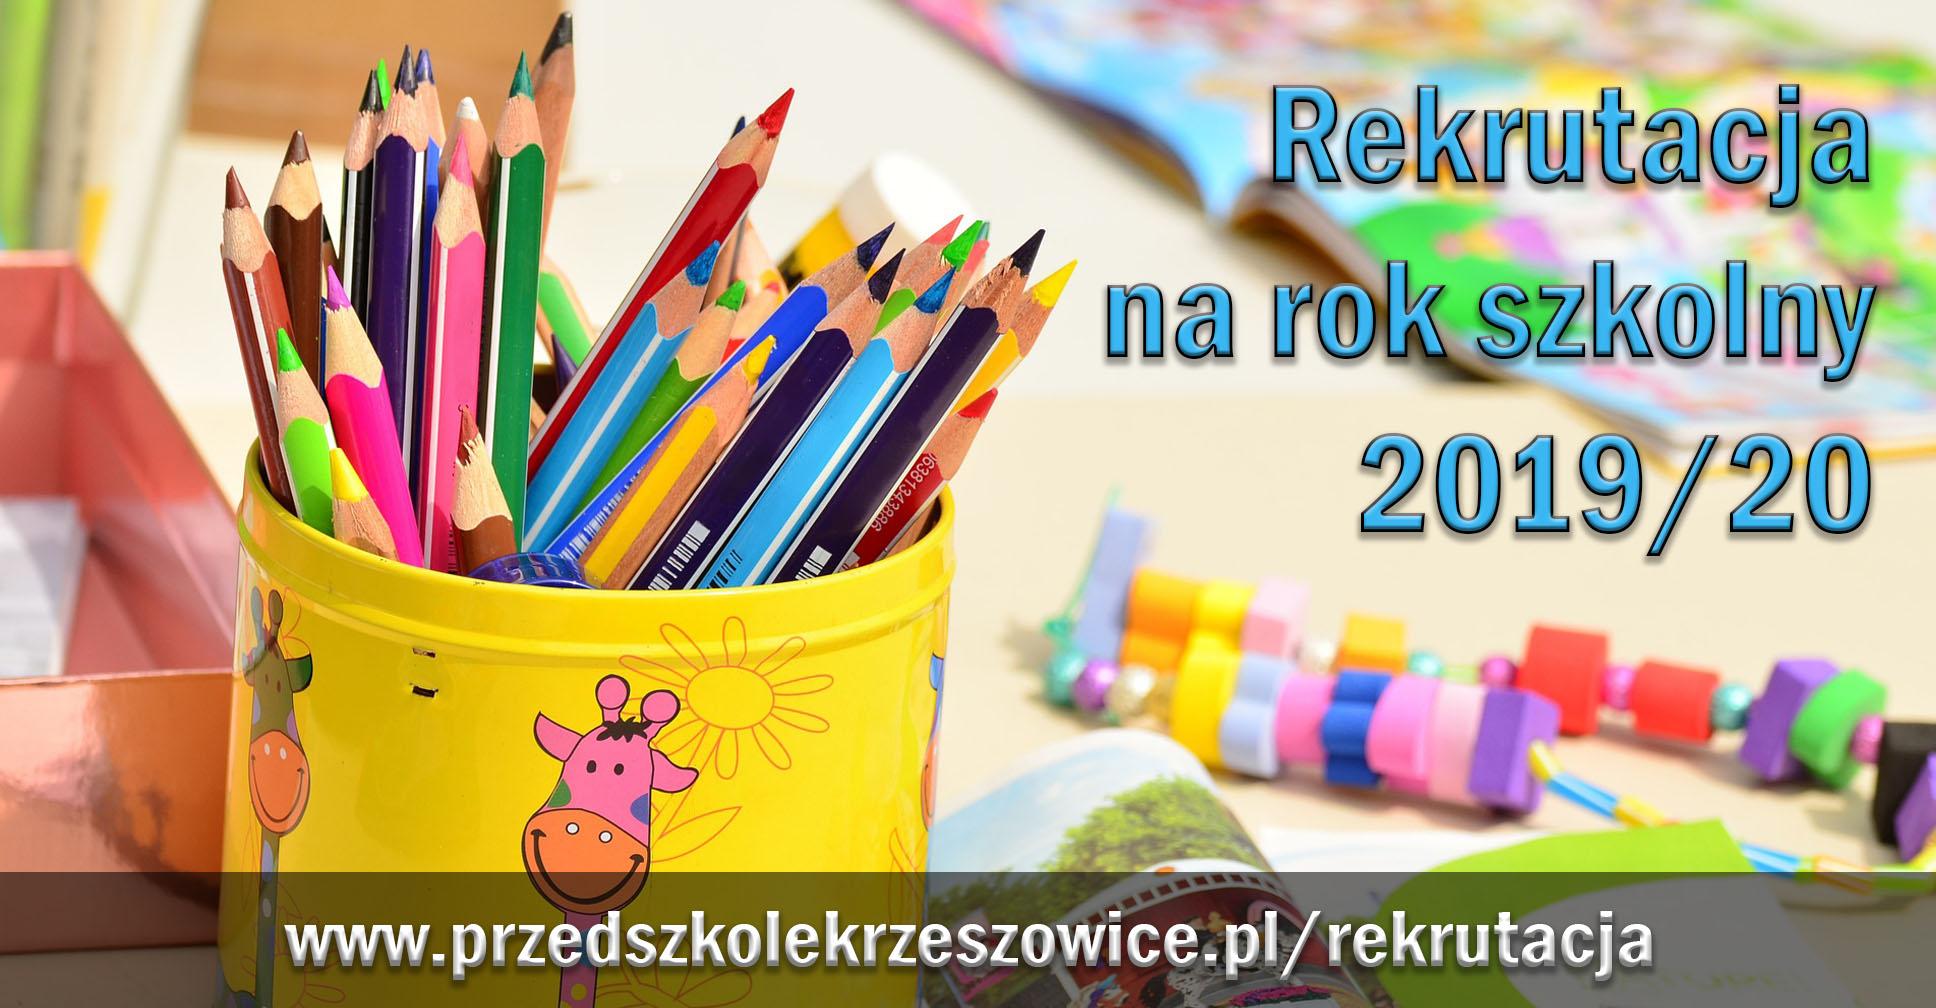 Informacje o rekrutacji na nowy rok szkolny 2019/20